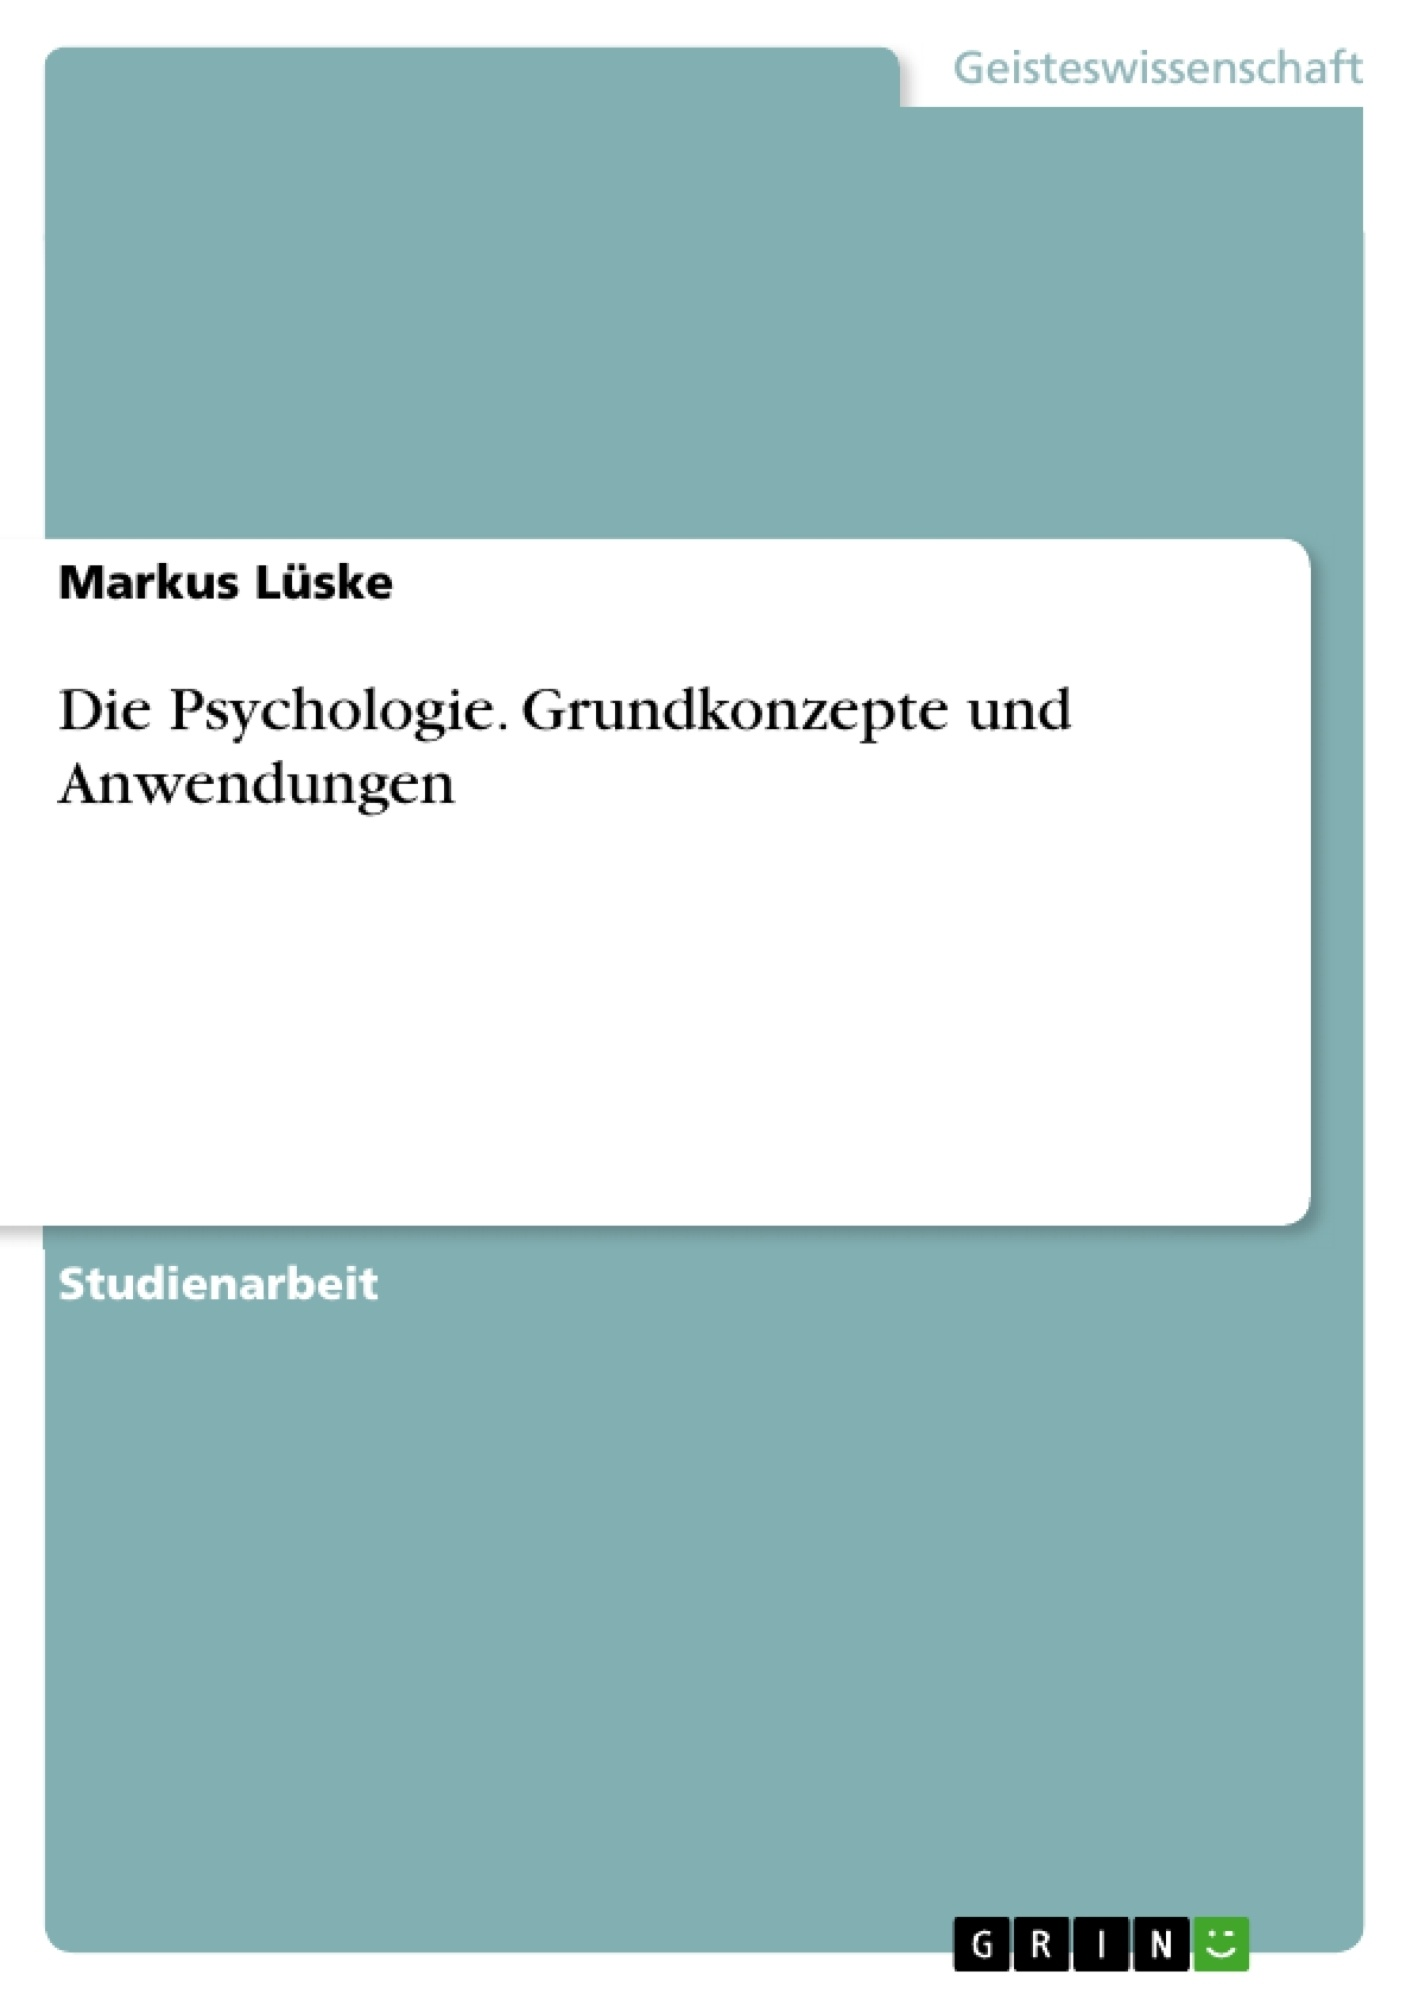 Titel: Die Psychologie. Grundkonzepte und Anwendungen